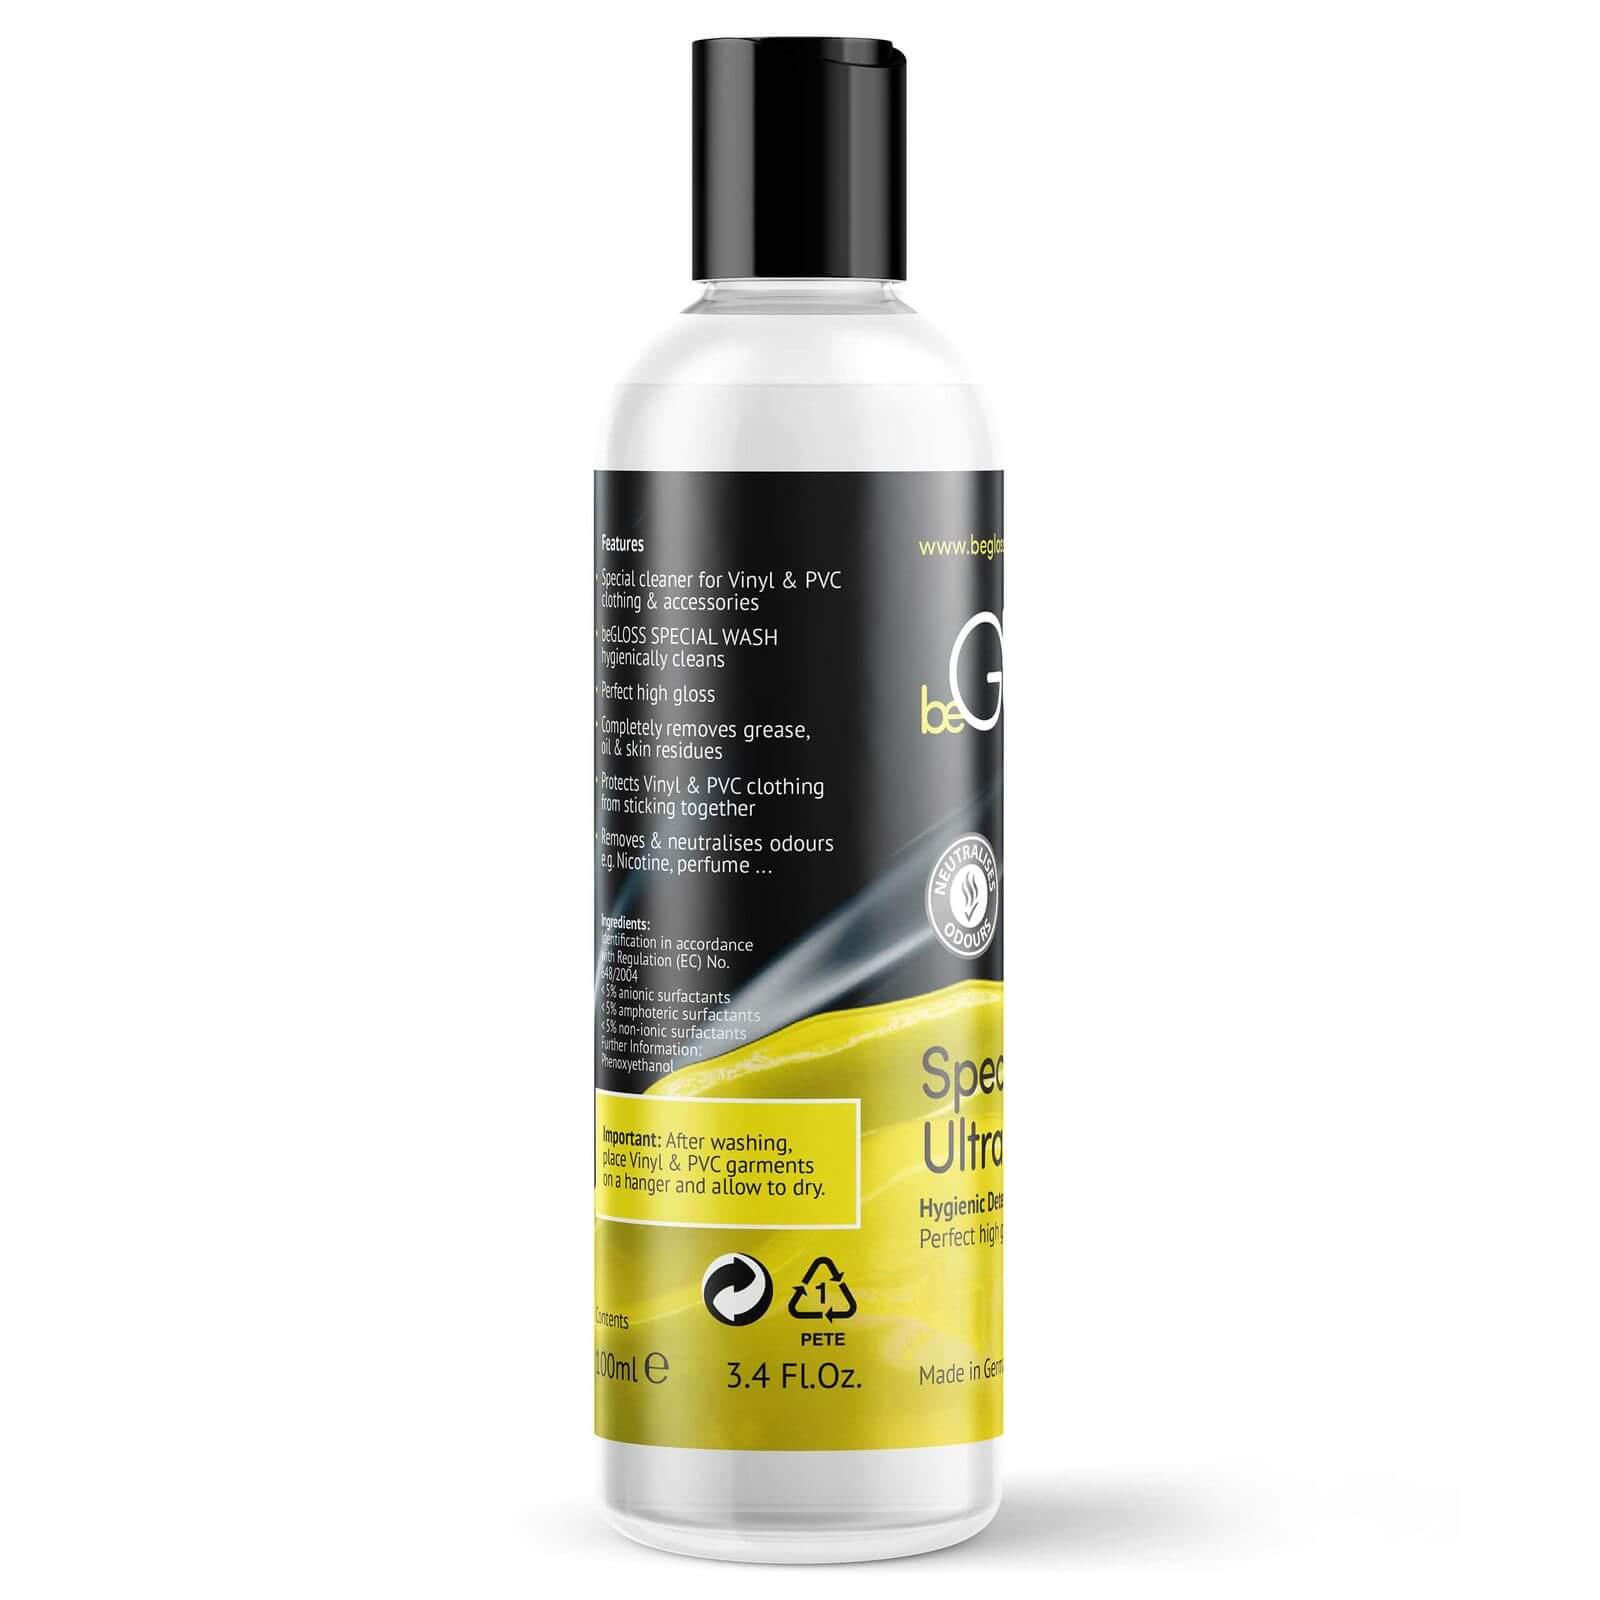 beGLOSS SPECIAL WASH - VINYL & PVC Rengøring 100 ml